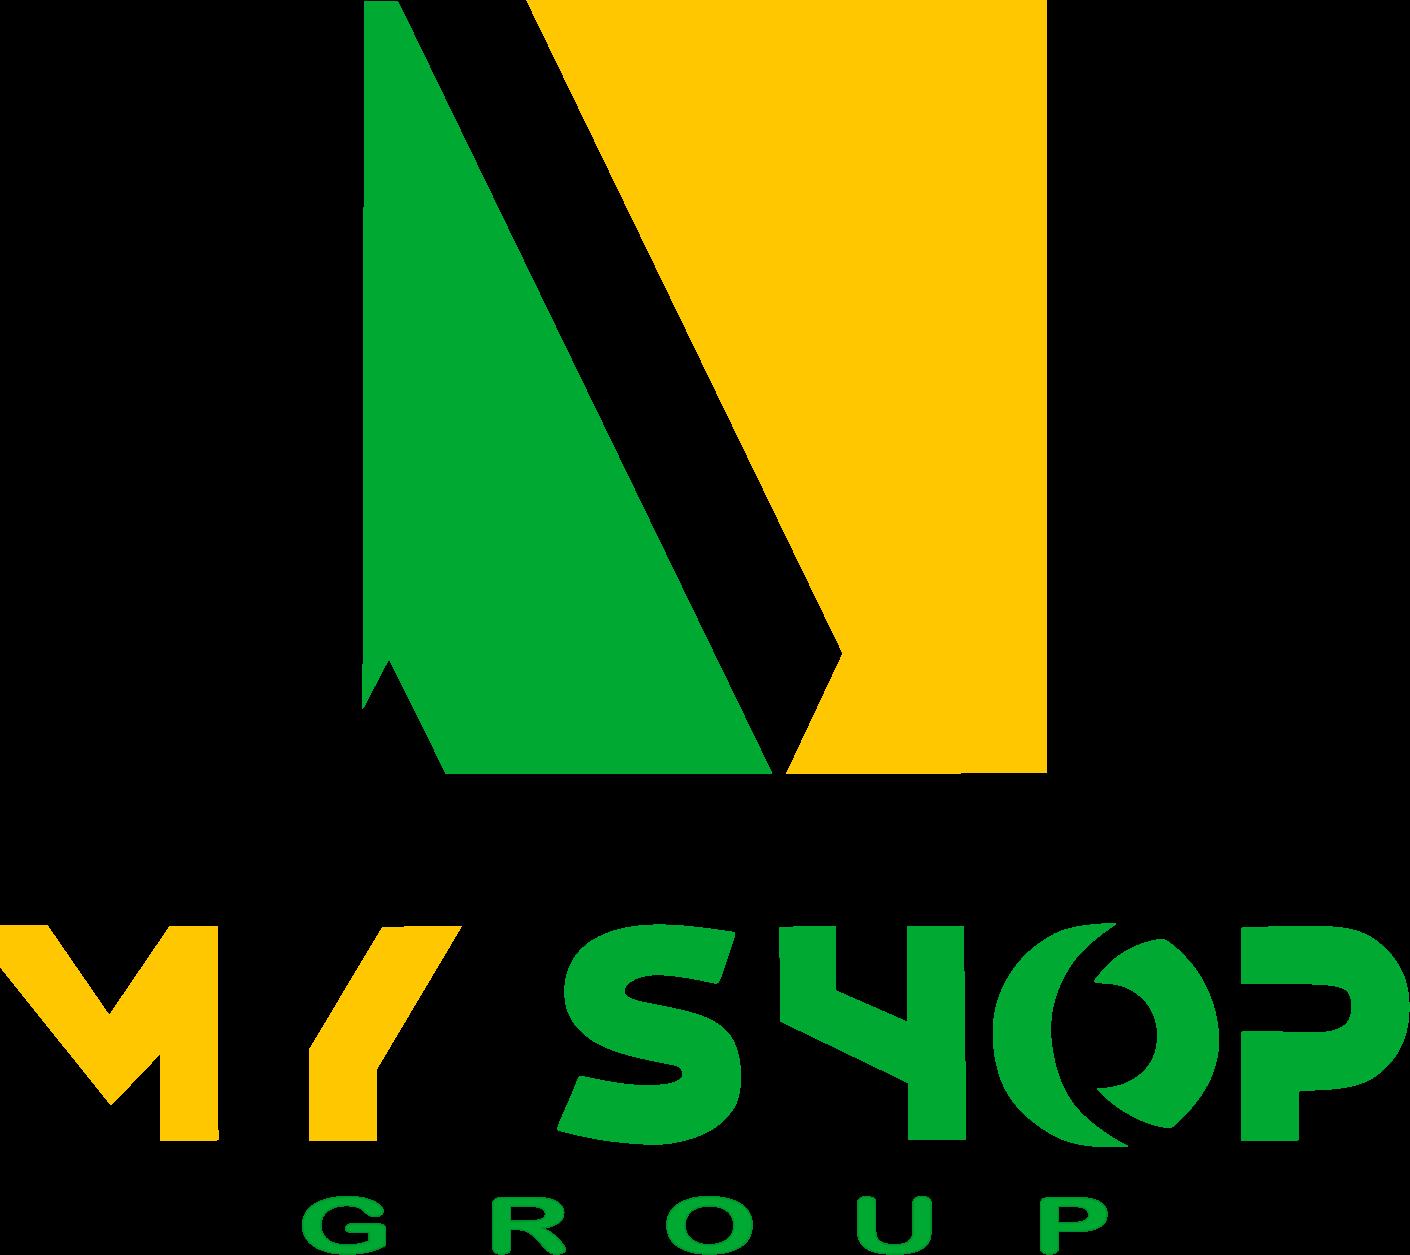 Какой у Вас магазин?